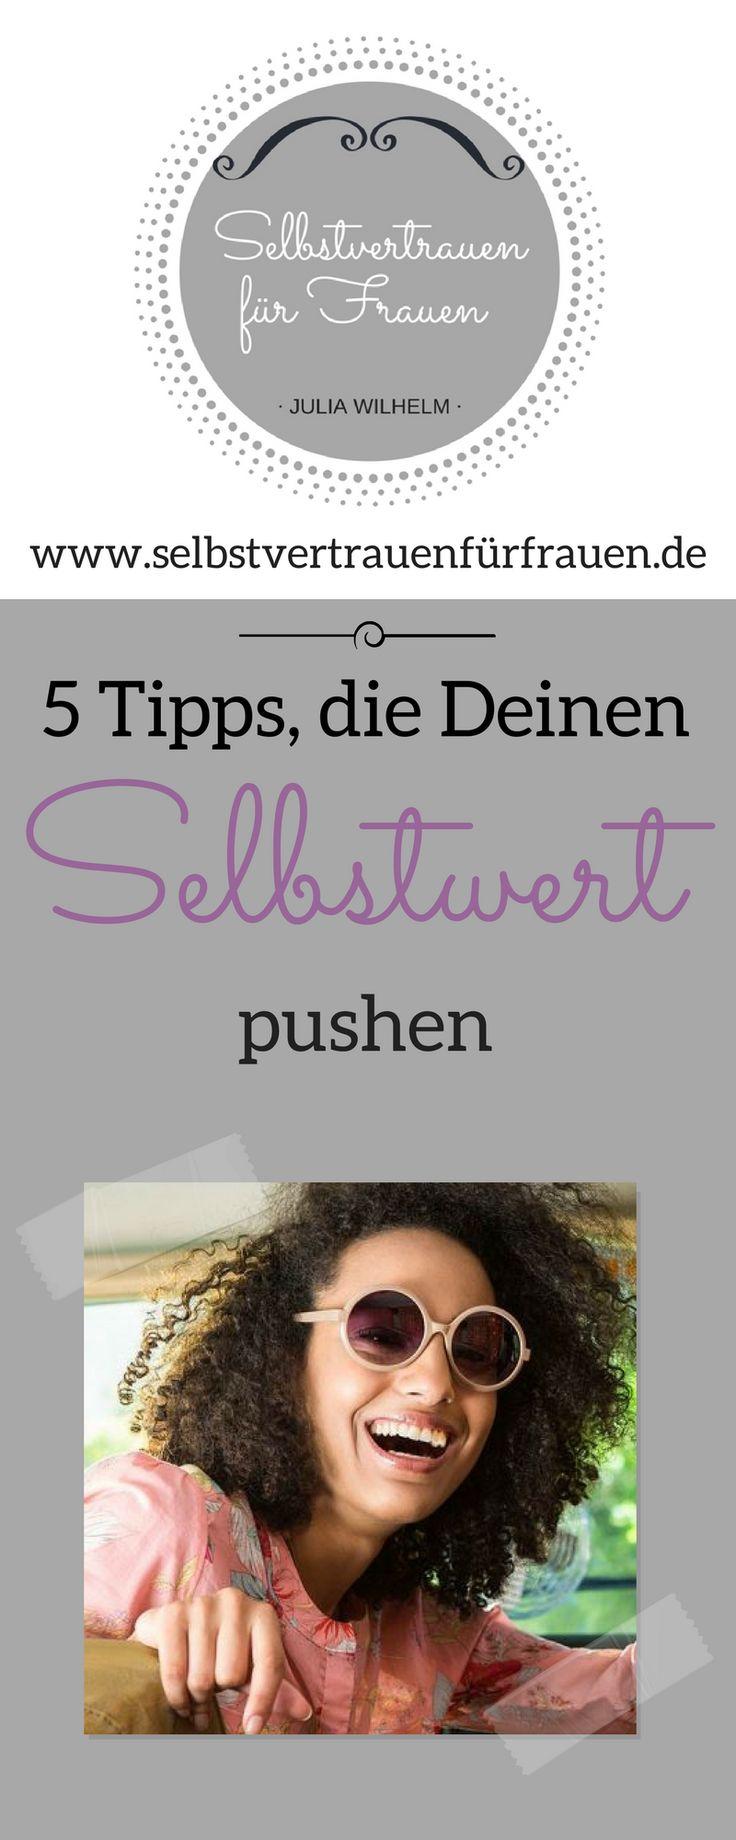 5 Tipps, die Deinen Selbstwert pushen. + gratis Formular! www.selbstvertrauen-fuer-frauen.de/blog/ Selbstvertrauen für Frauen, Selbstbewusstsein, Selbstwert